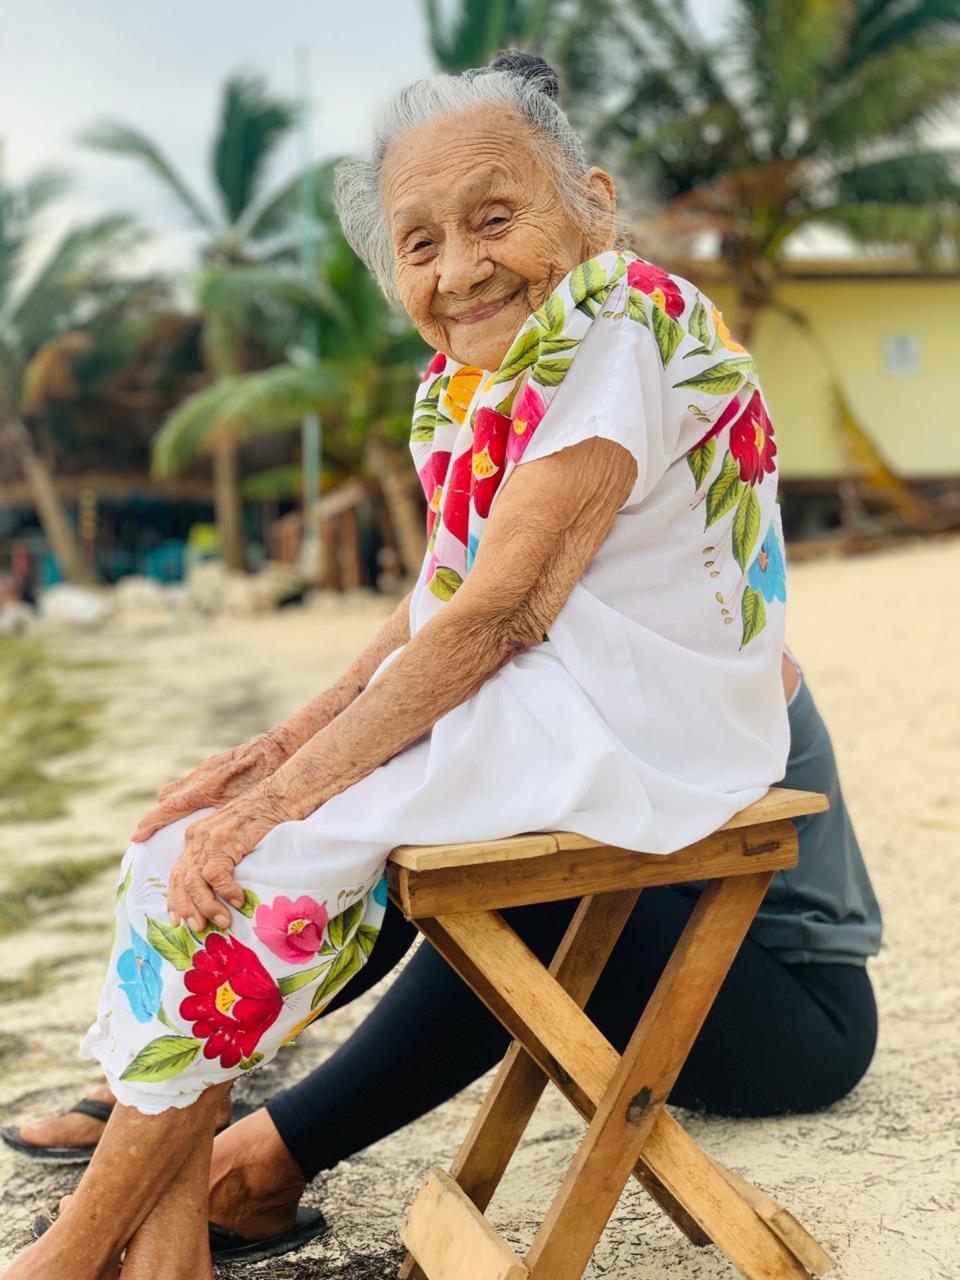 Abuela de 97 años sonriente